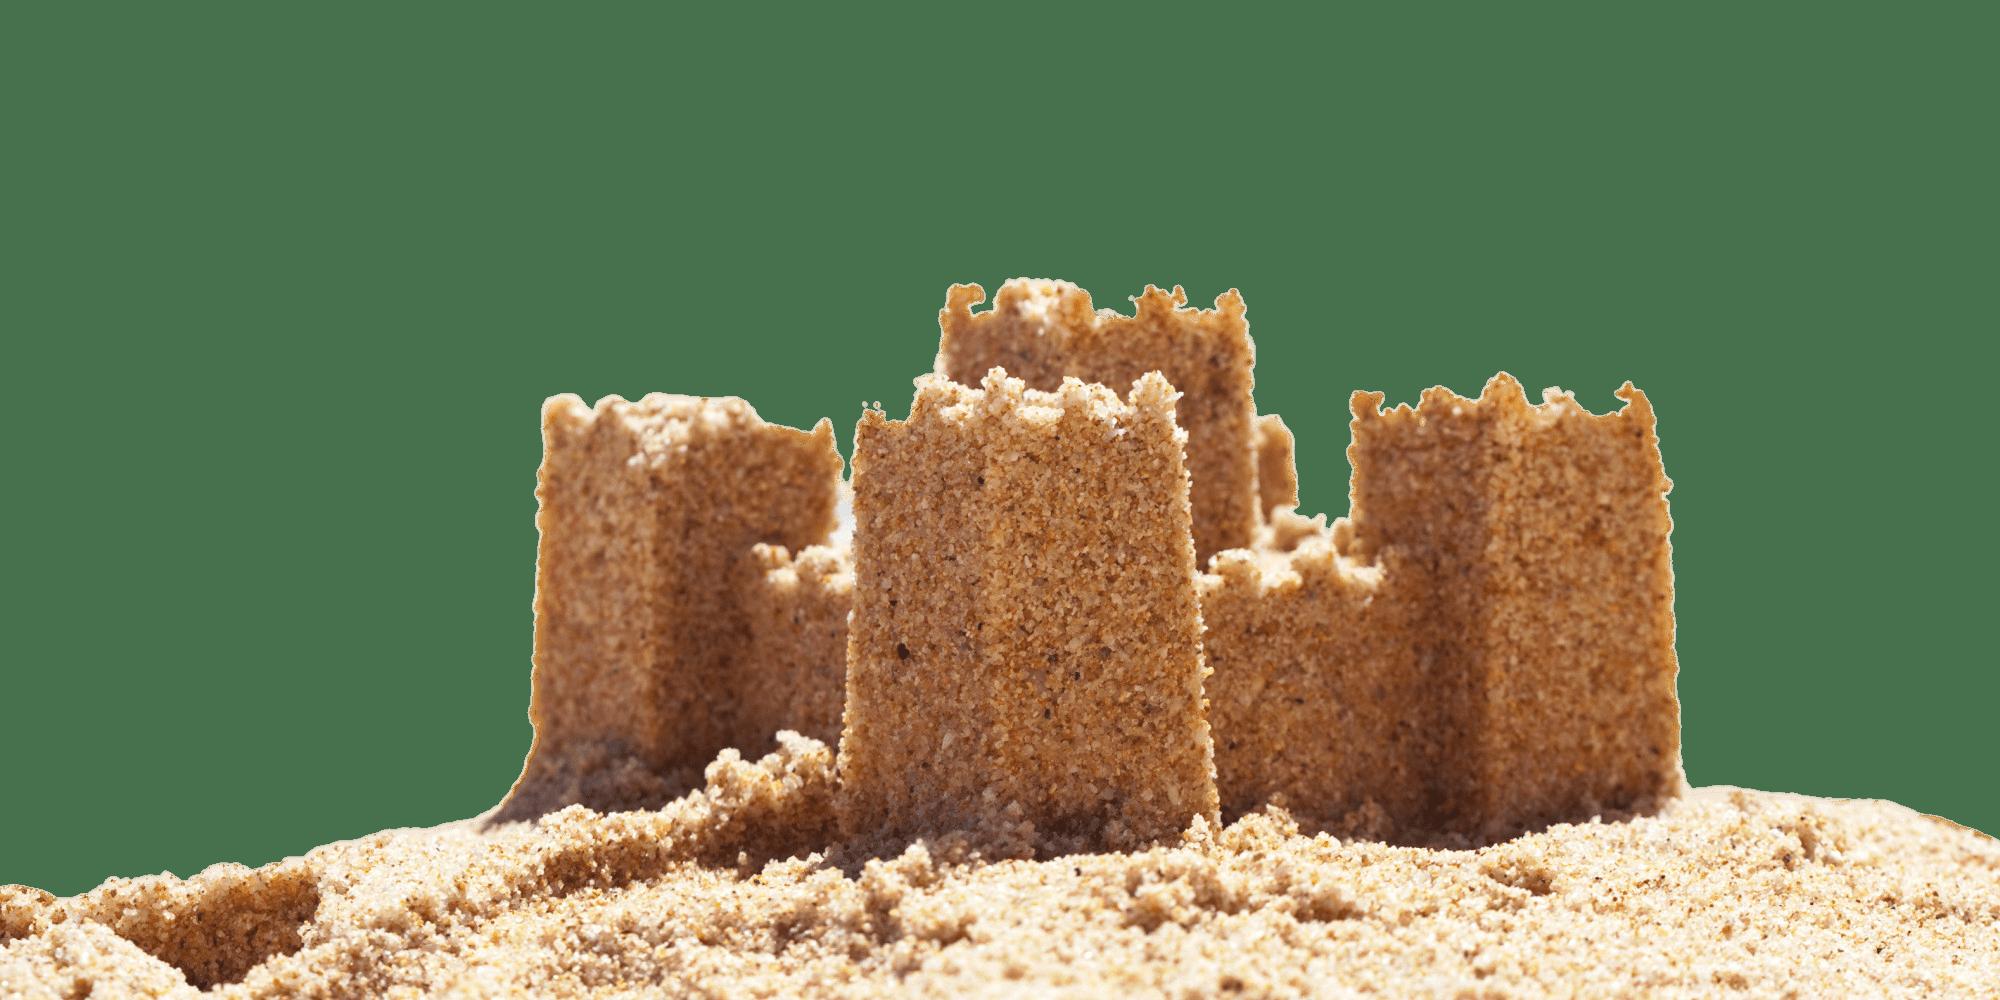 Grains clipart sand. Free photo sandcastle sculpture